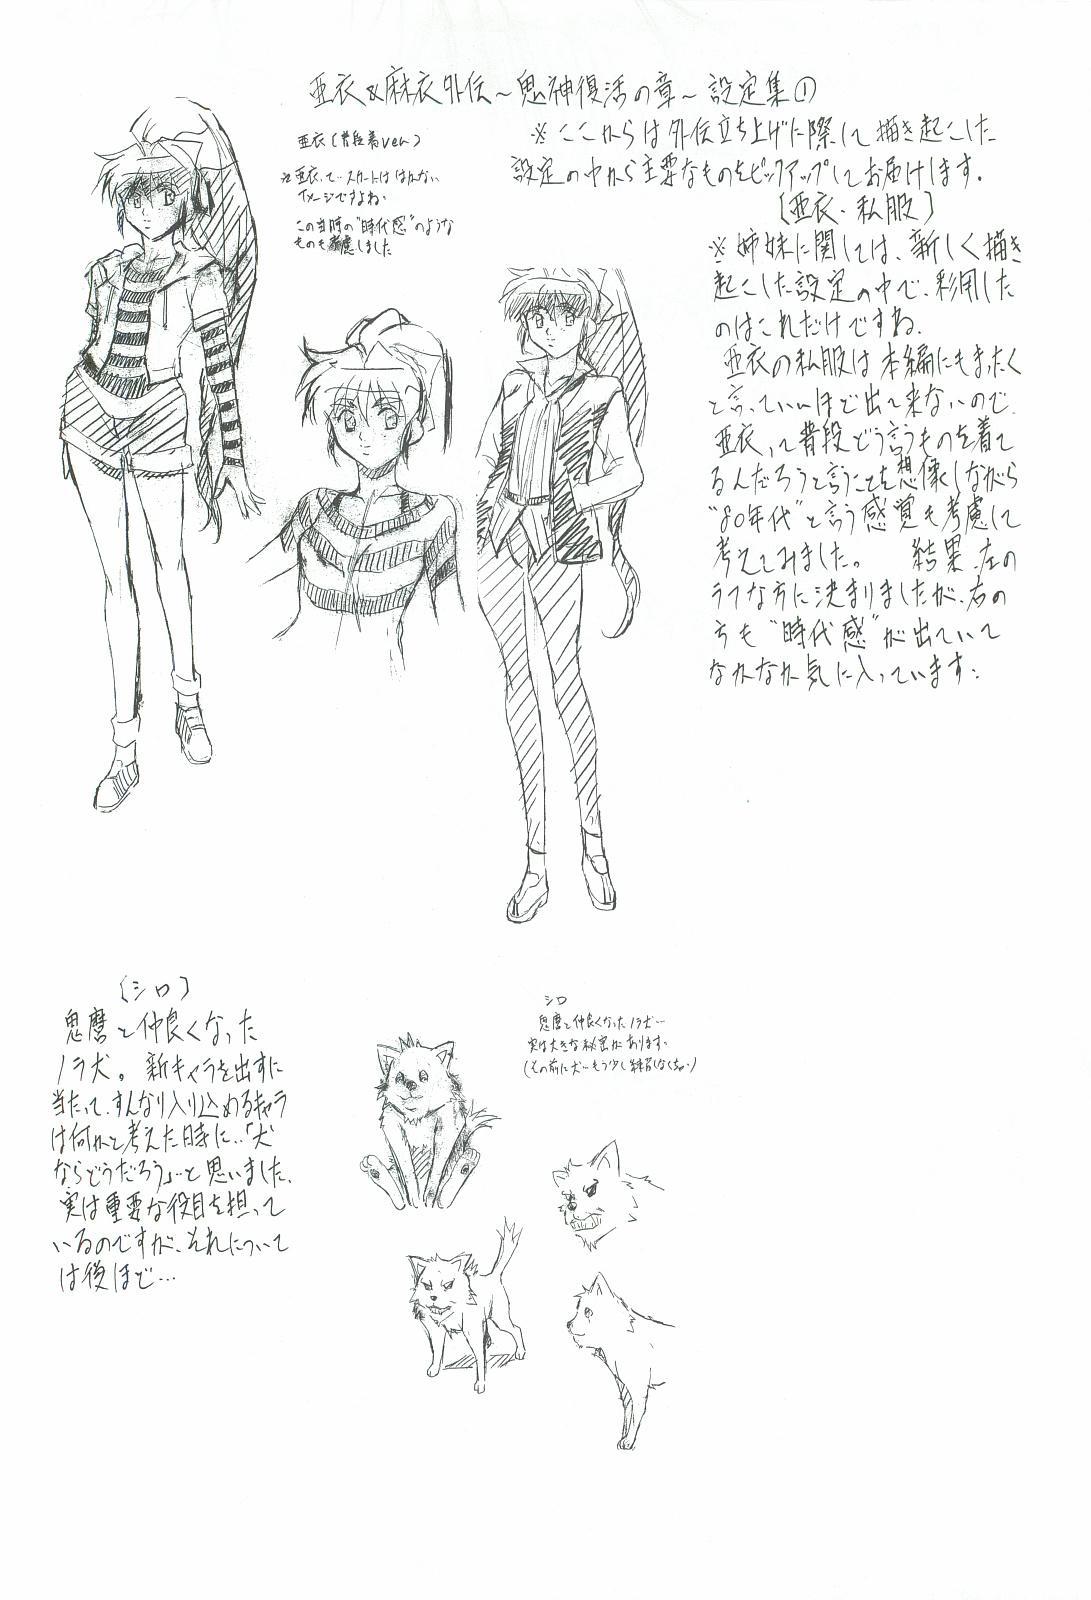 Ai & Mai Gaiden - Kishin Fukkatsu no Shou 84